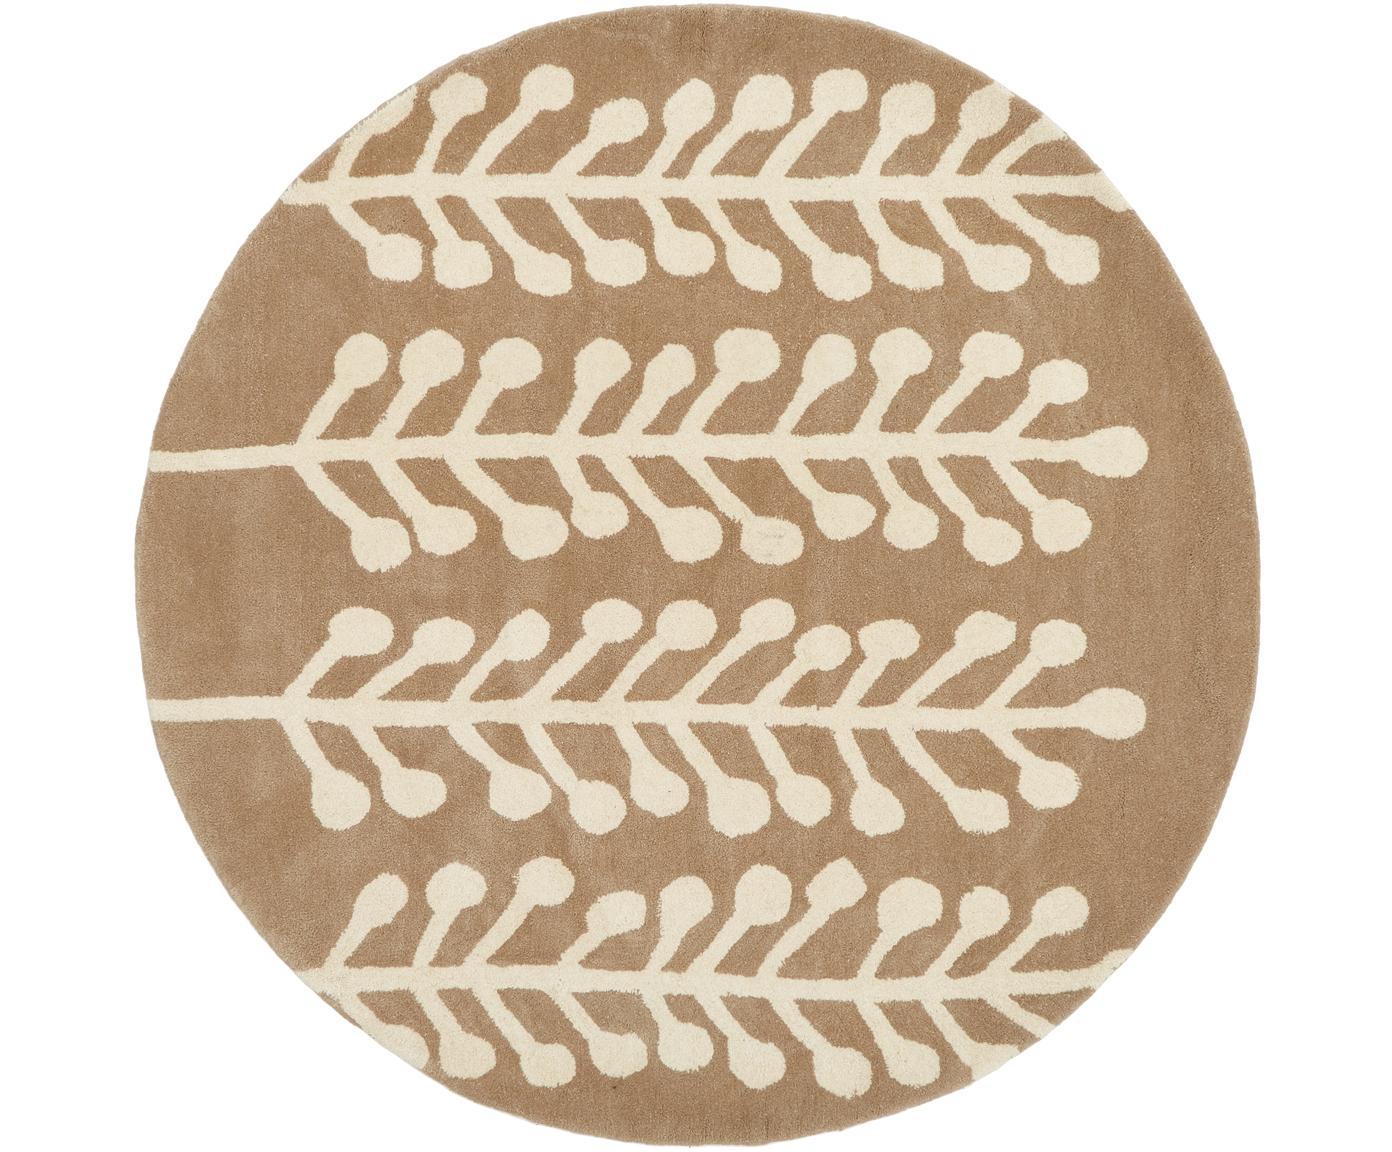 Okrągły dywan z wełny Wool Herbs, Jasny brązowy, kremowy, Ø 200 cm (Rozmiar L)